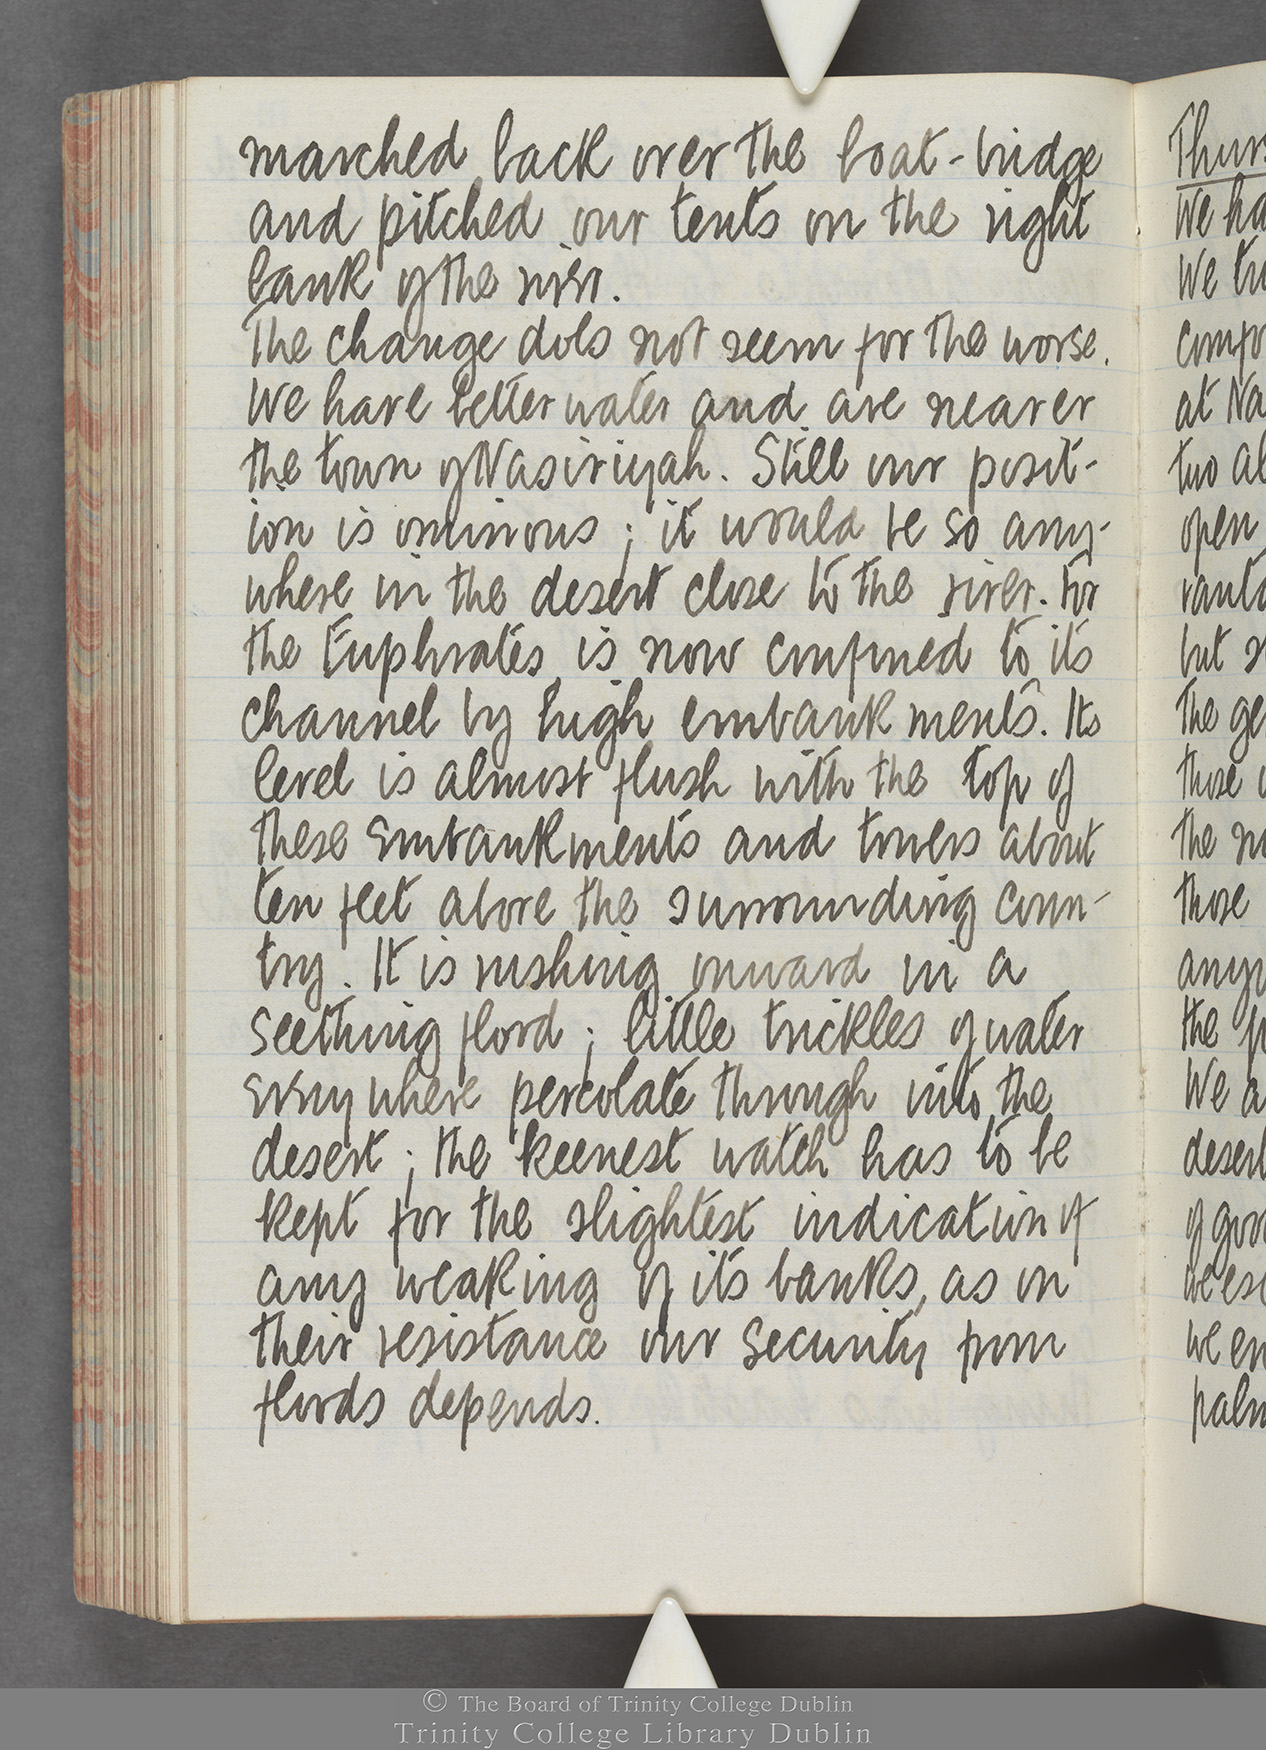 TCD MS 10515 folio 111 verso